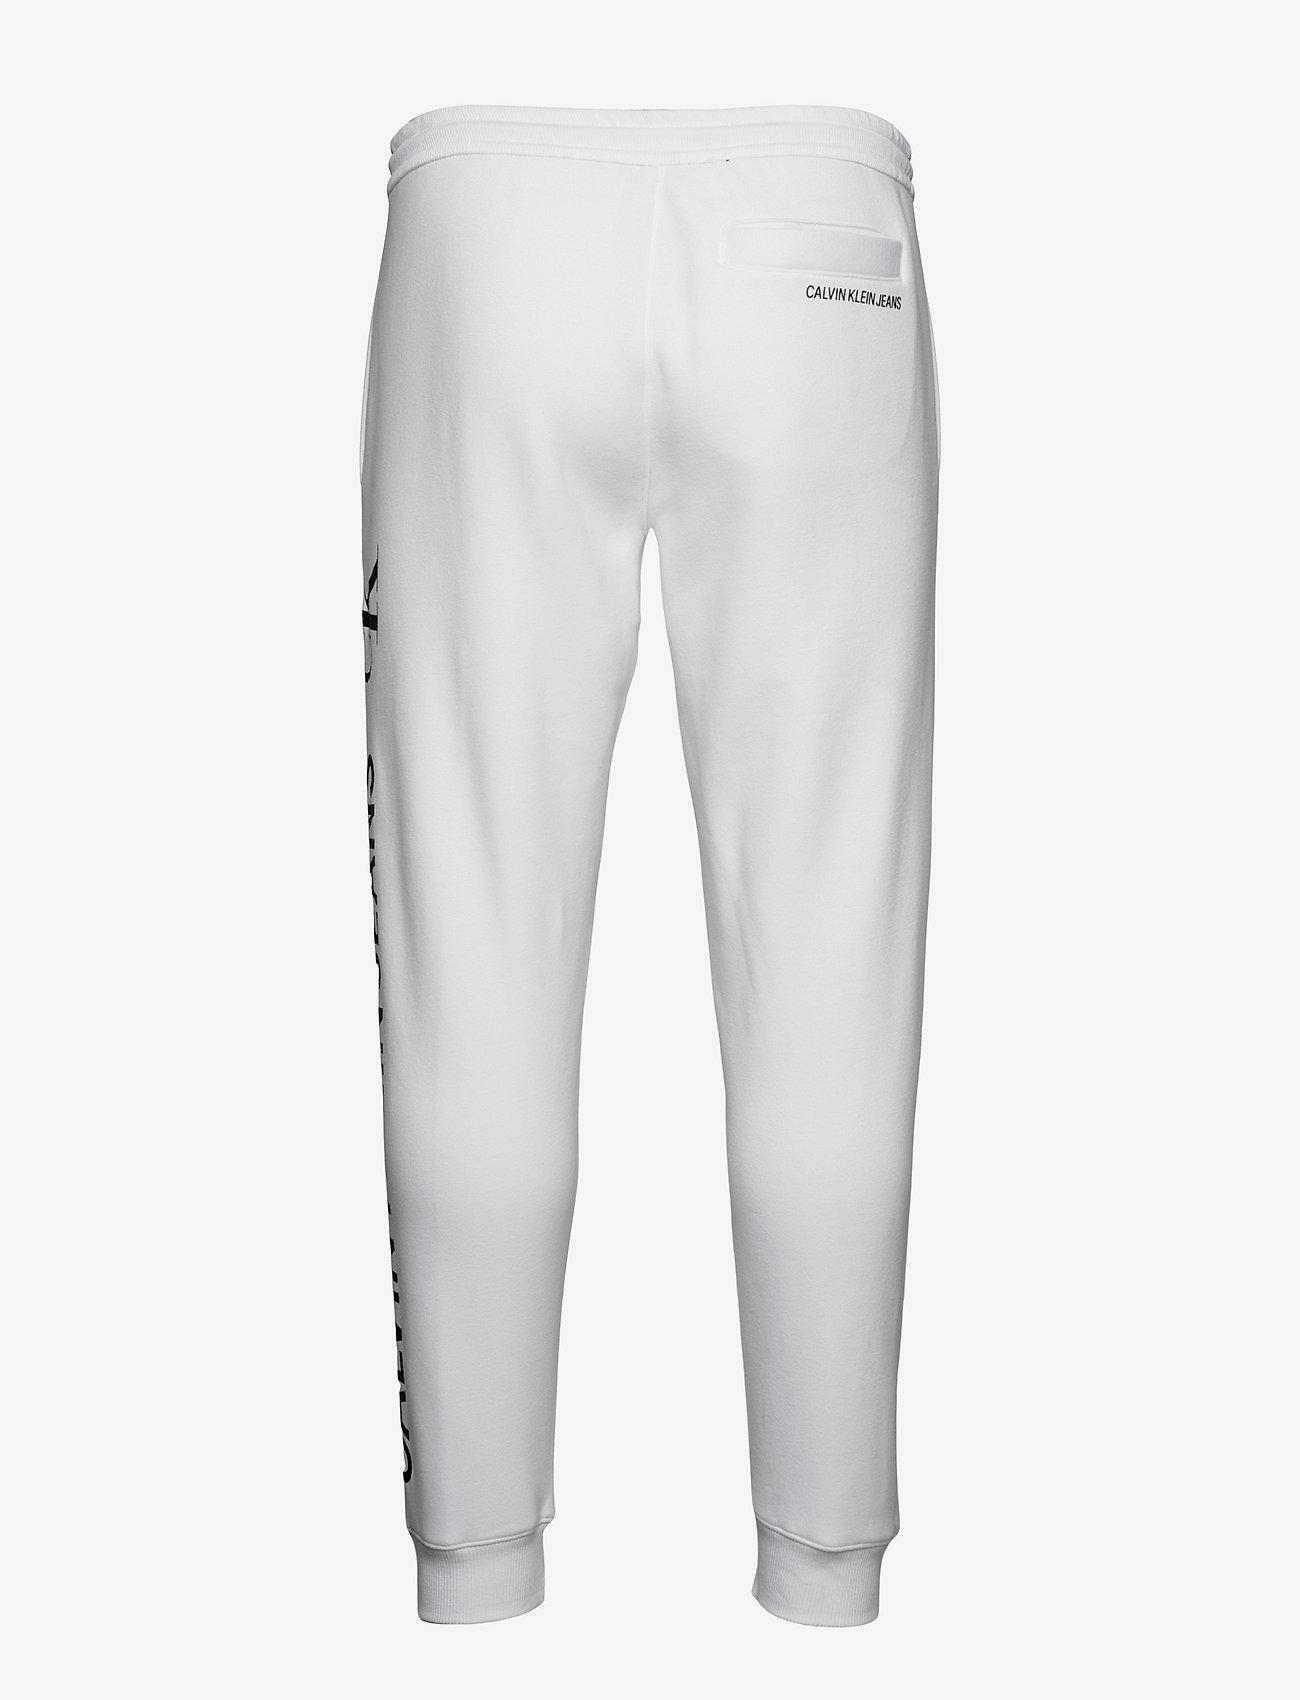 Calvin Klein Jeans - CK VERTICAL LOGO HWK PANT - kleding - bright white - 1